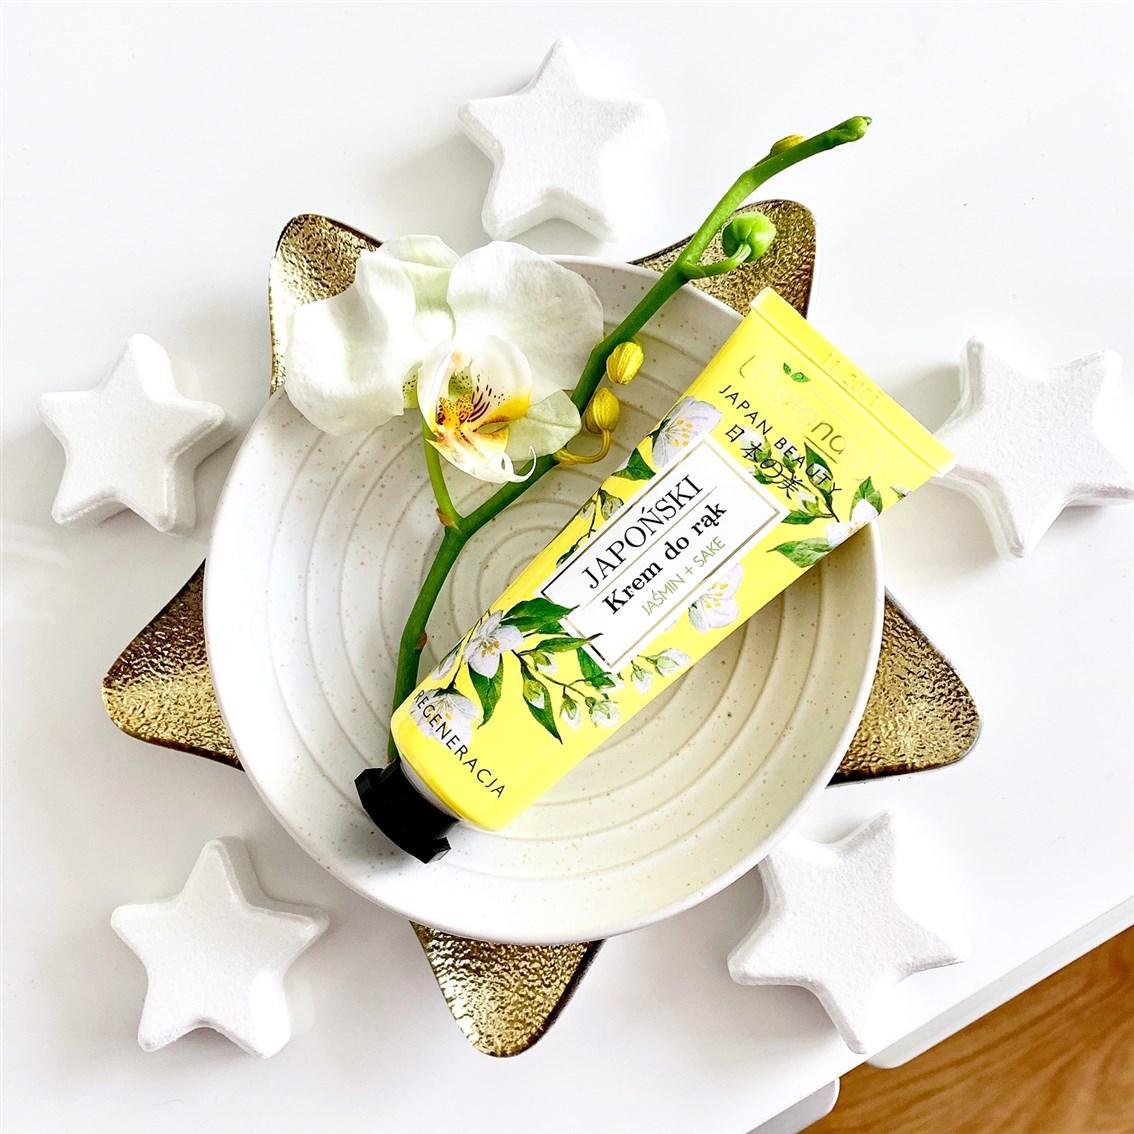 Bielenda Japan Beauty japoński krem do rąk, Regeneracja jaśmin + sake